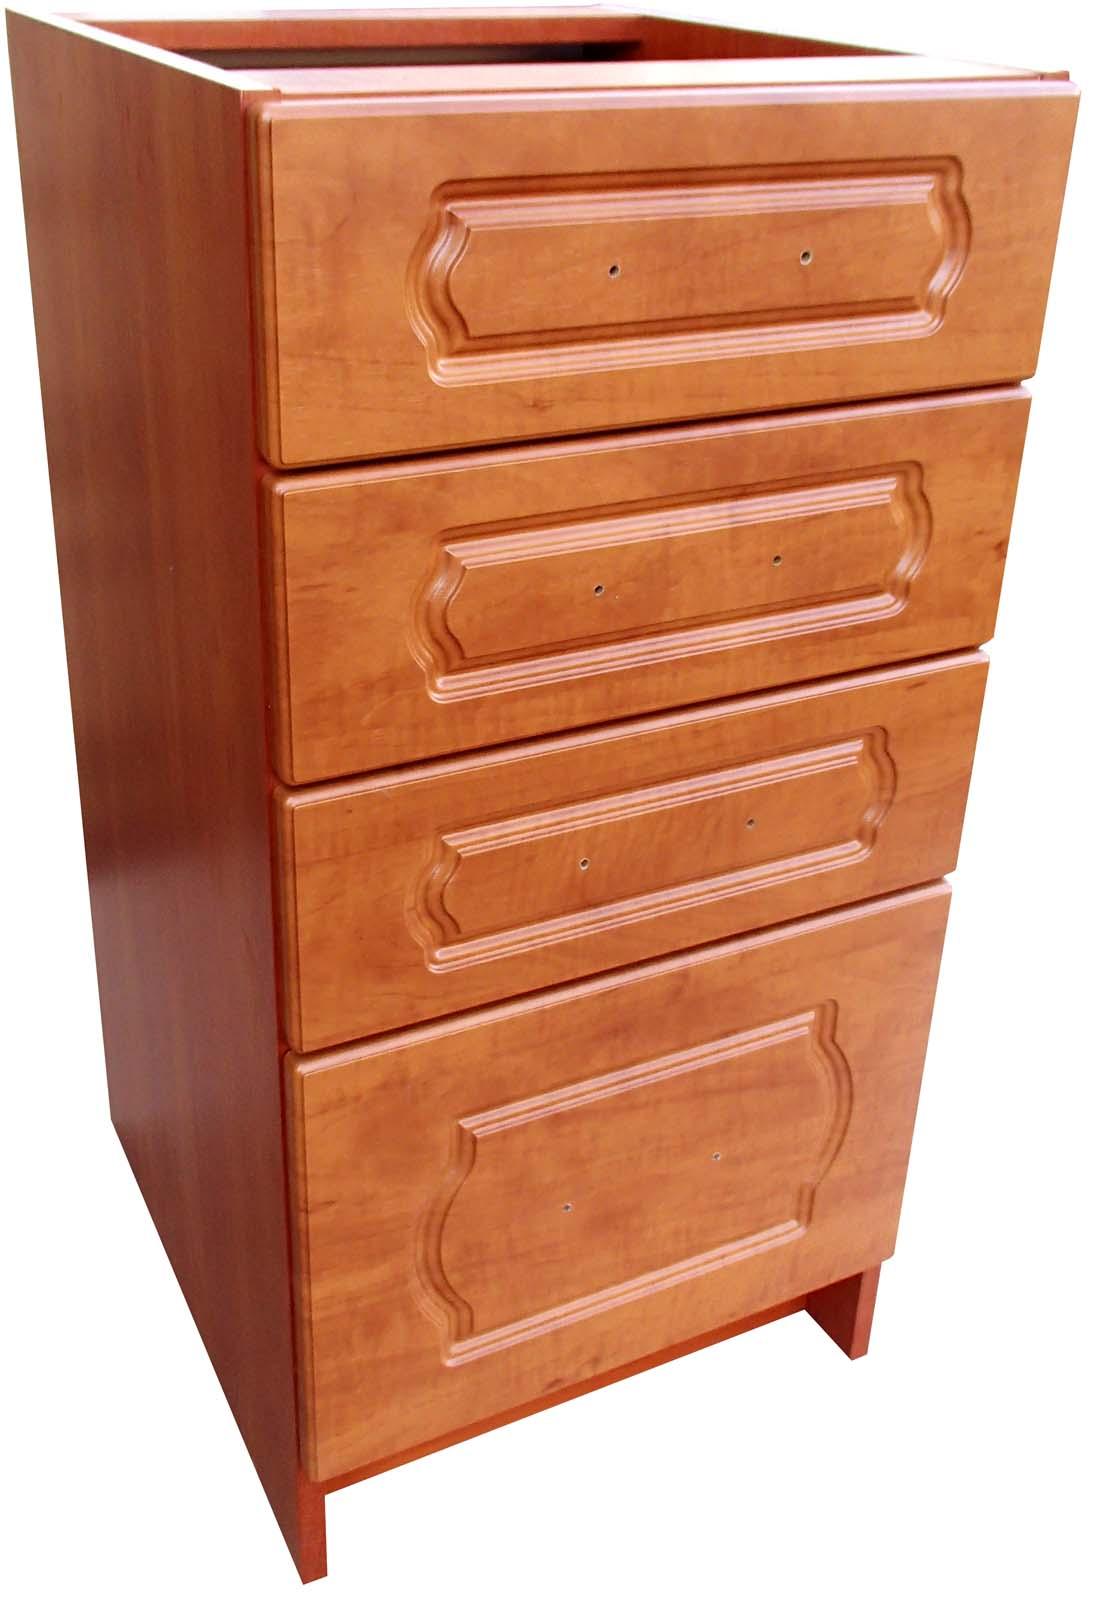 Kuchyňská skříňka spodní se šuplíky 40 cm kalvádos